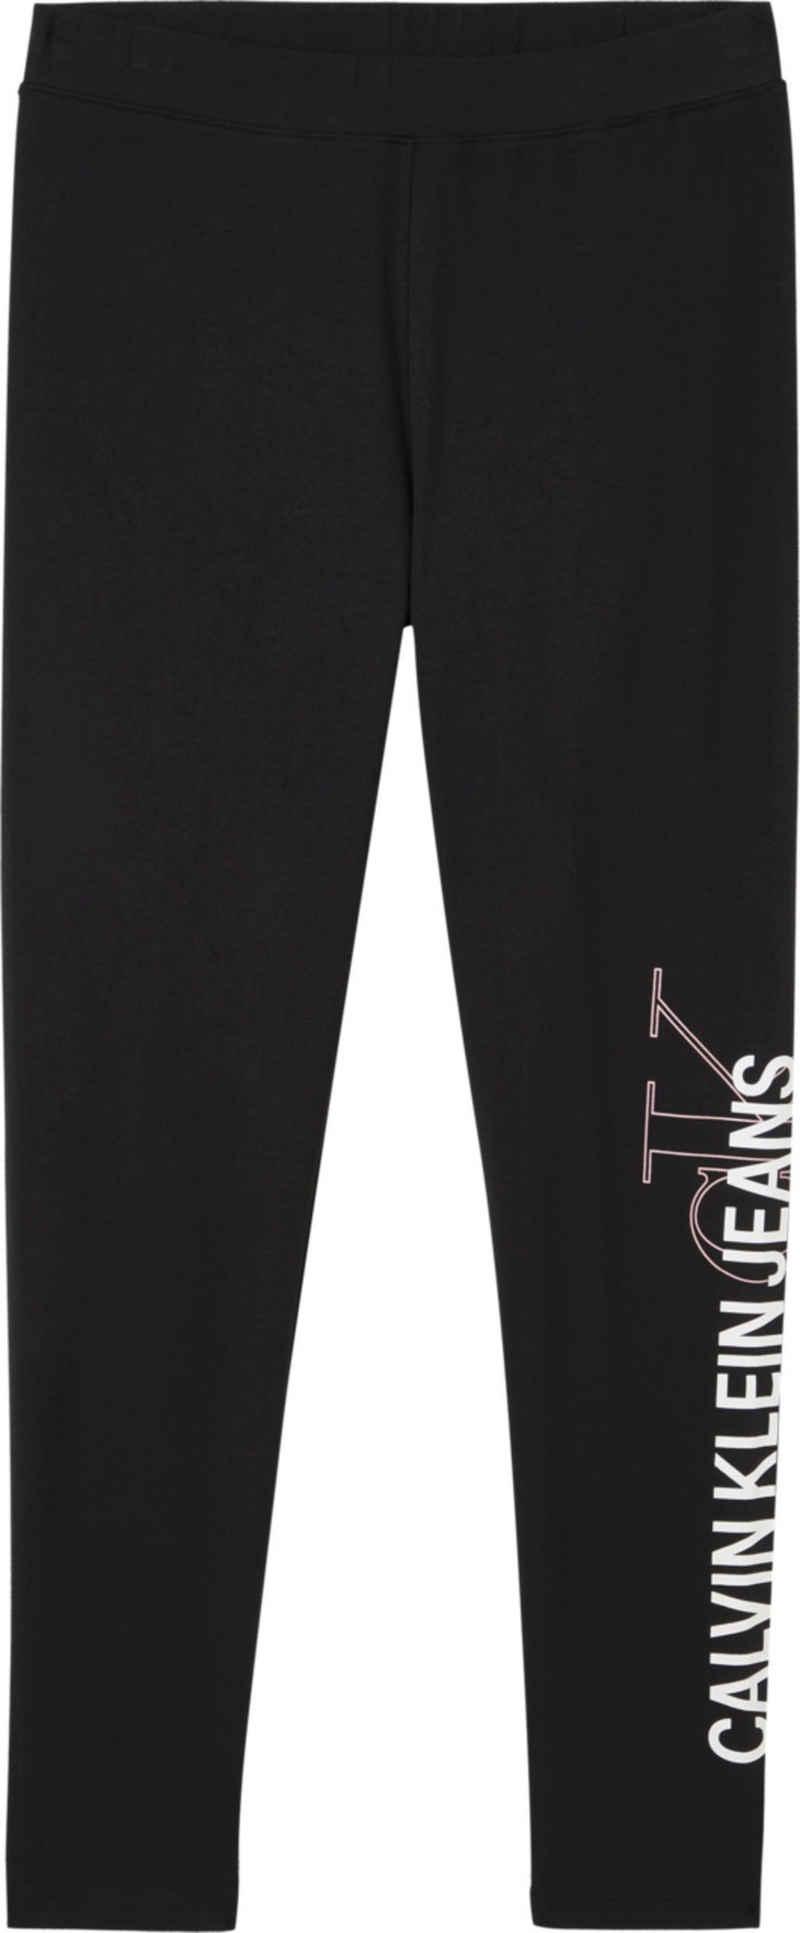 Calvin Klein Jeans Leggings »Vertical Institutional Legging« mit großem Calvin Klein Jeans Logo-Schriftzug auf dem linken Bein